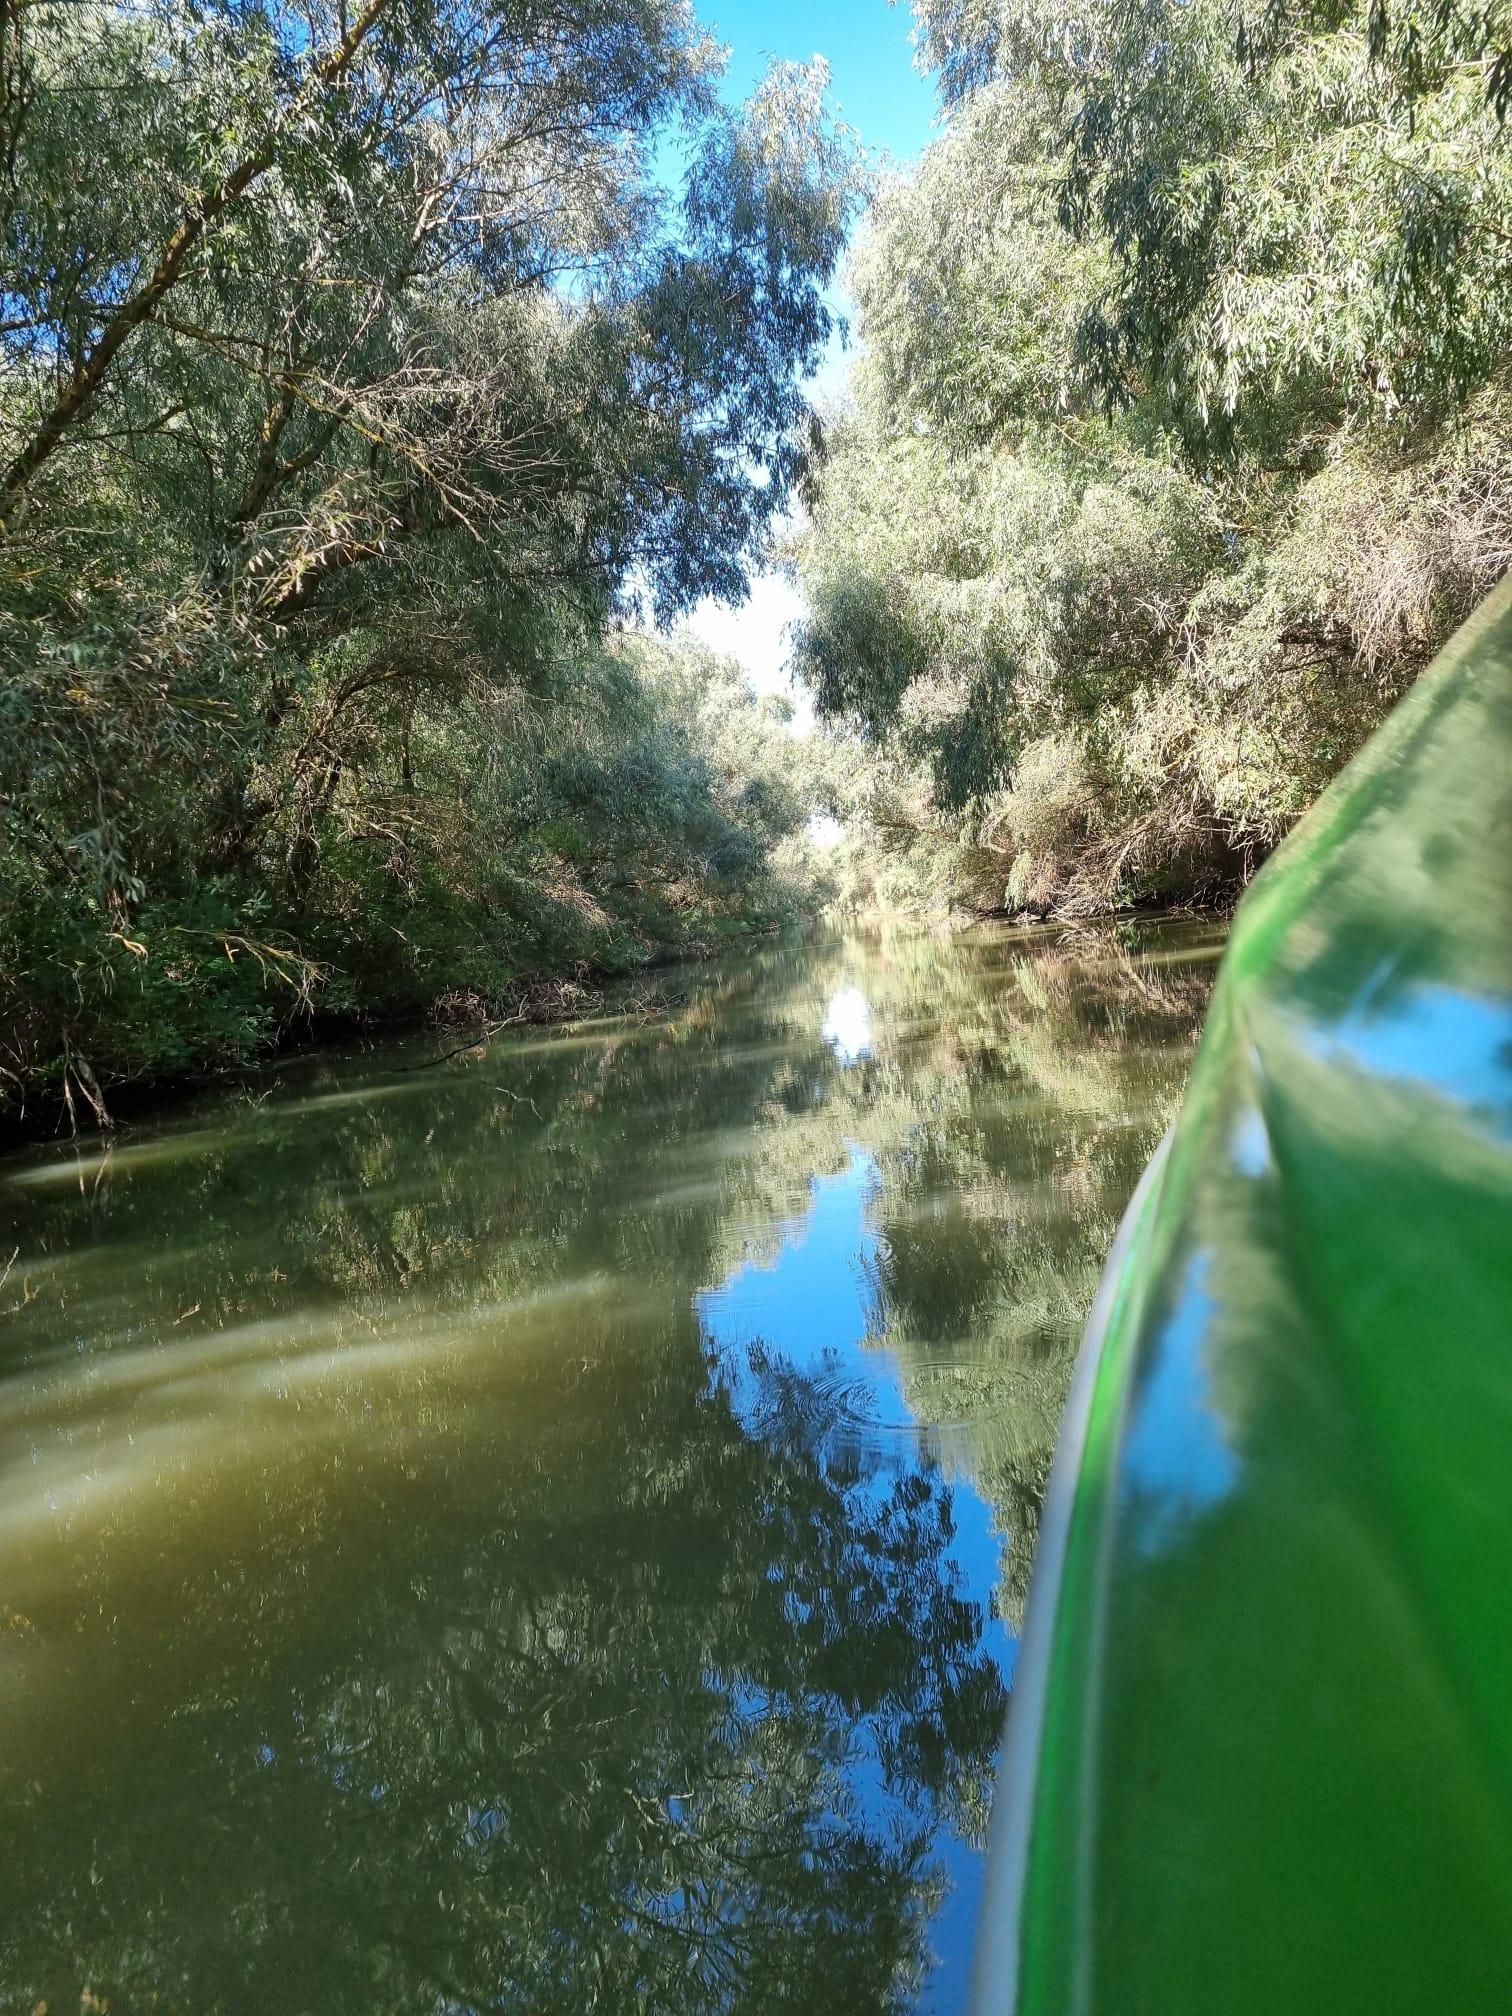 Haideți să vă arăt poze din cea mai tare expediție din Delta Dunării. Aia cu Mihaiu